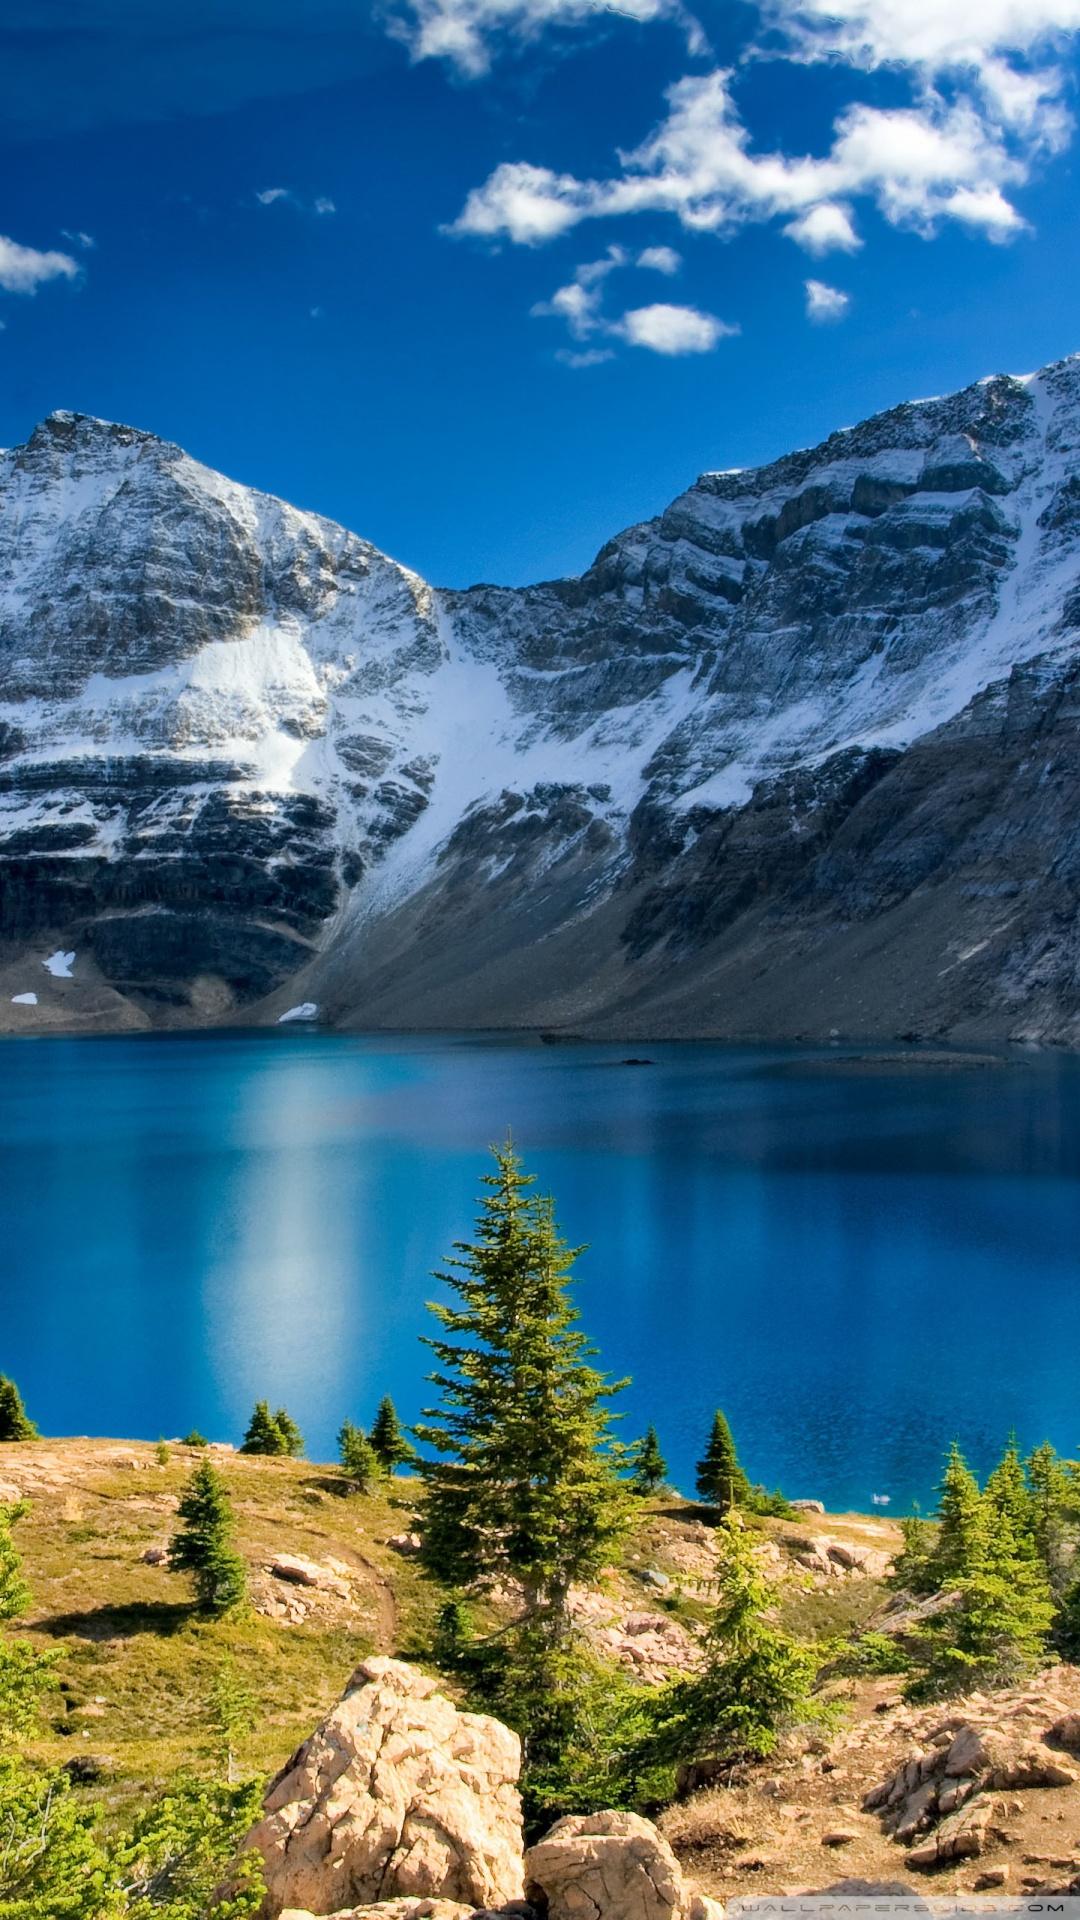 Landscape Wallpaper nature mountain landscape blue lake ...